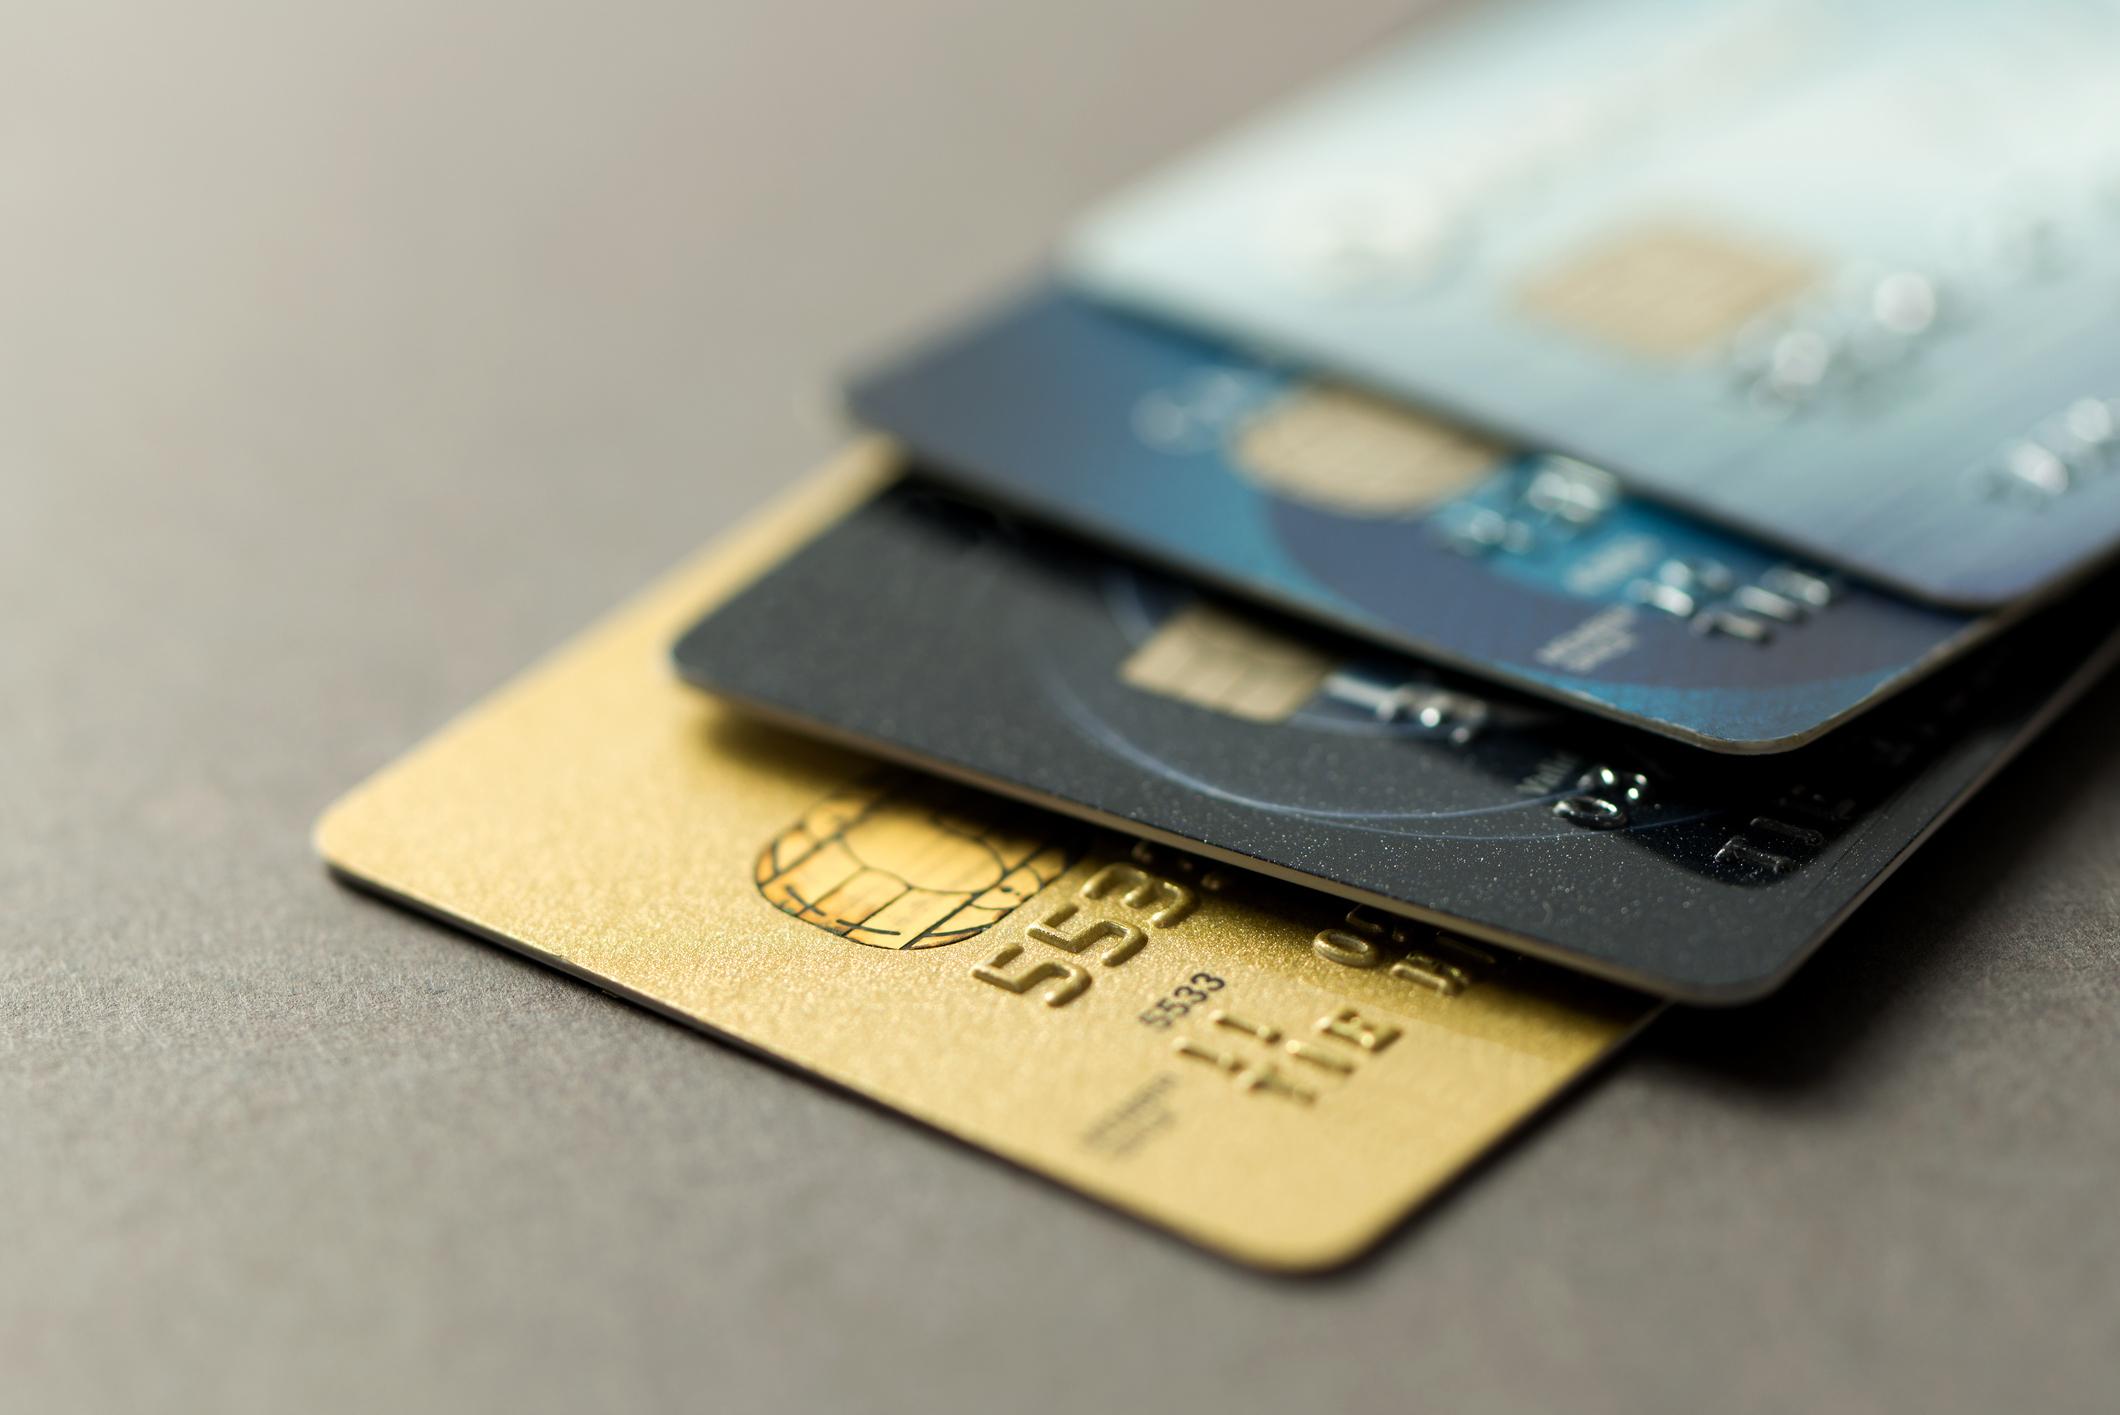 Vše, co jste chtěli vědět o platebních kartách (ale báli jste se zeptat)